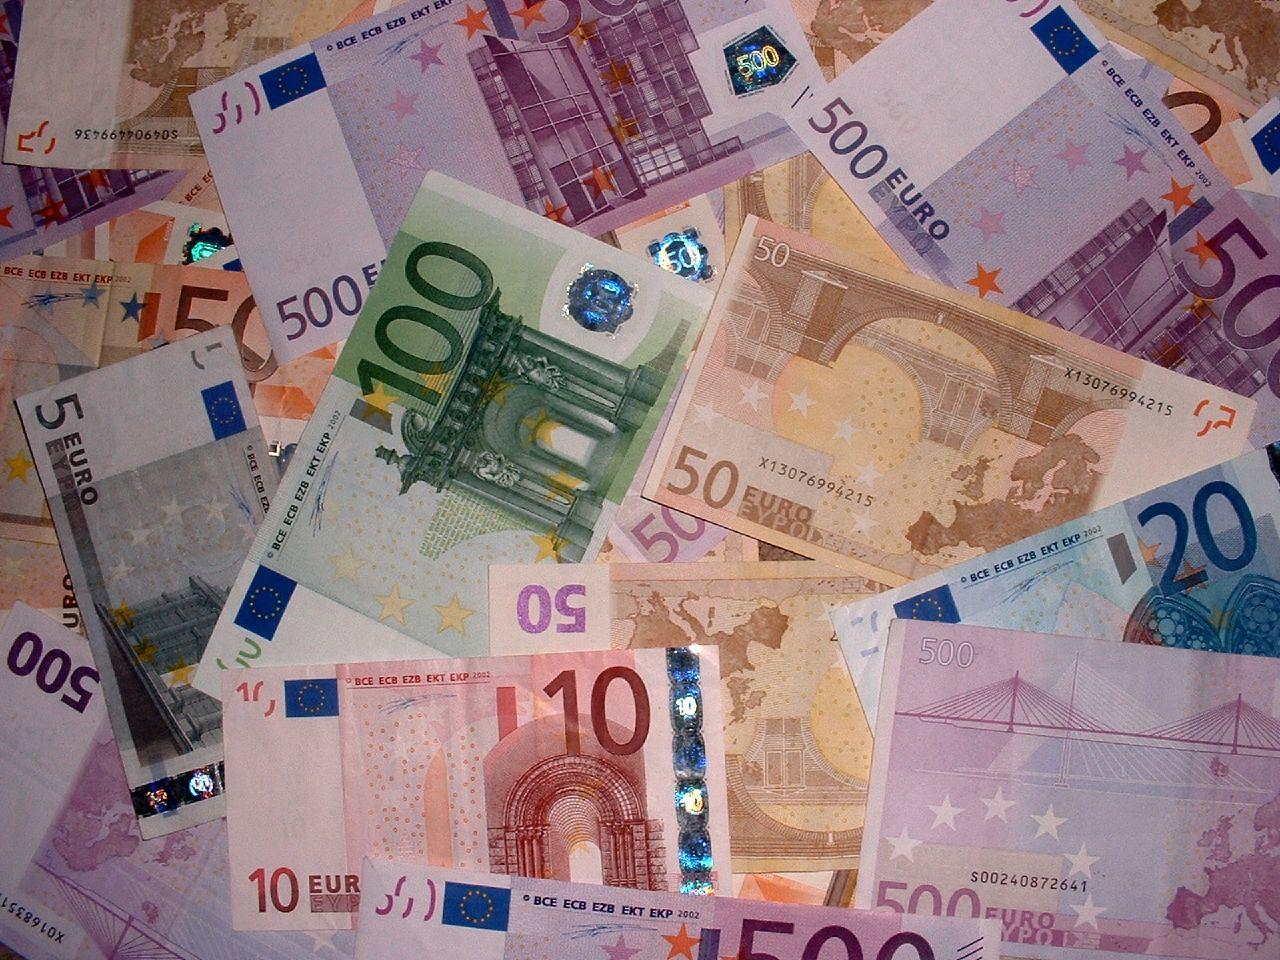 Dalla Calabria in auto con 700mila euro, arrestato per riciclaggio